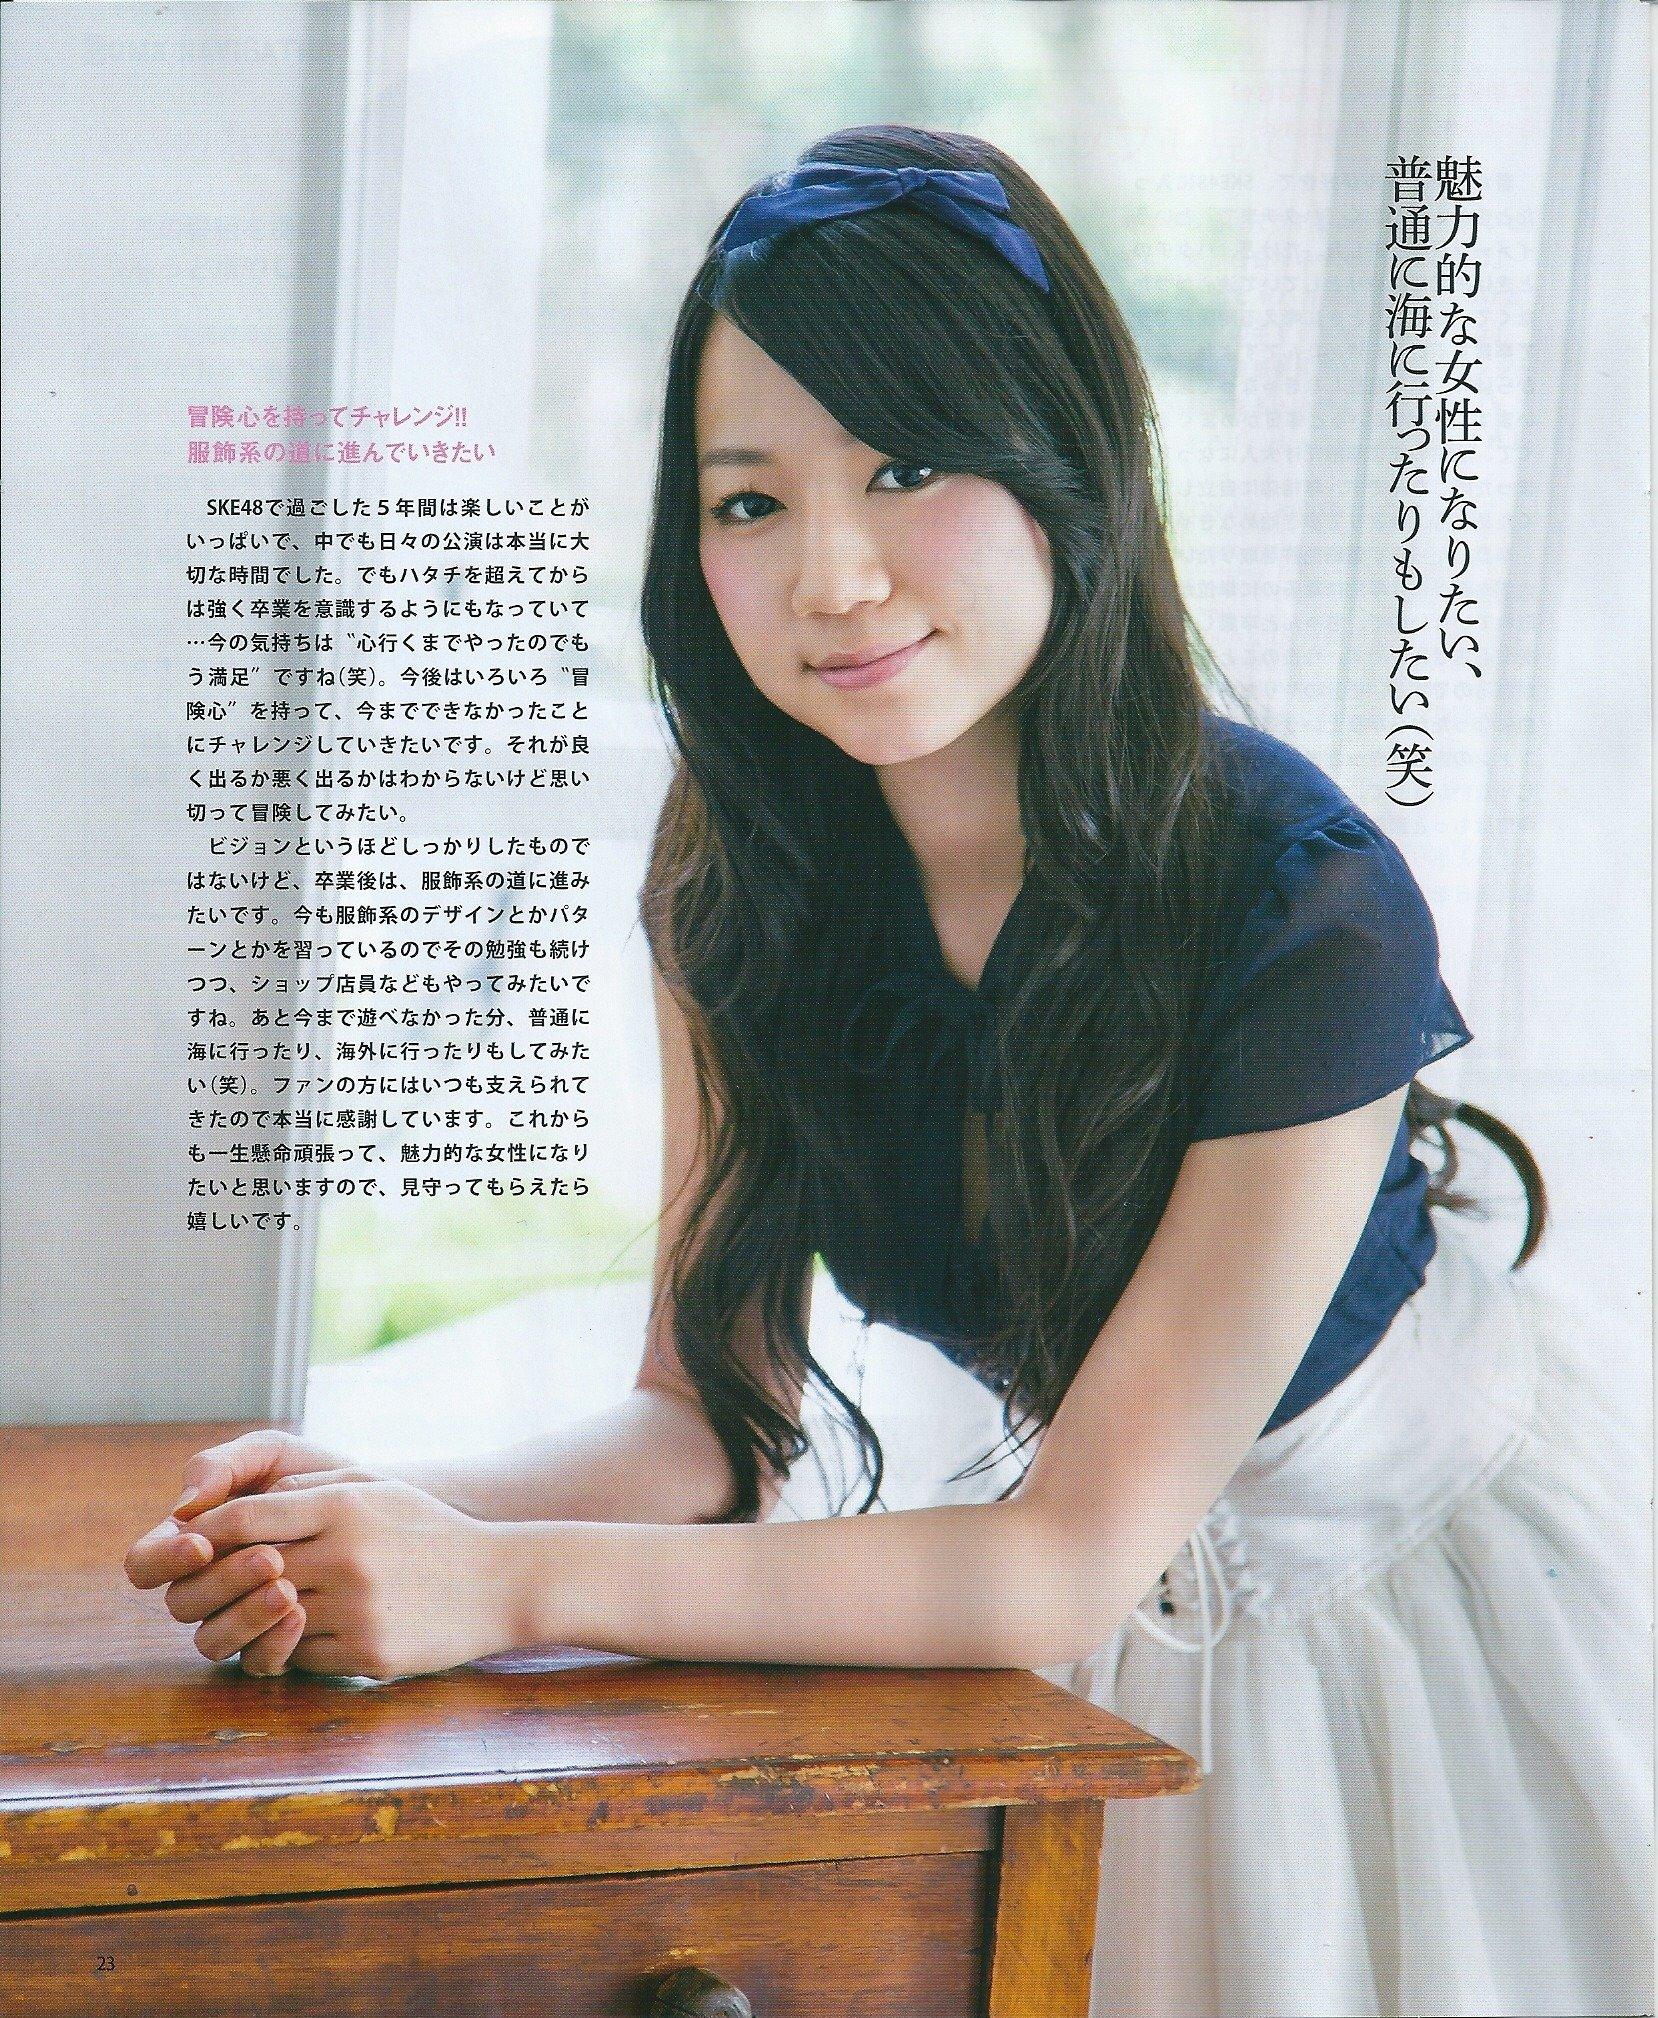 SKE48 Team S. Shiori Takada.